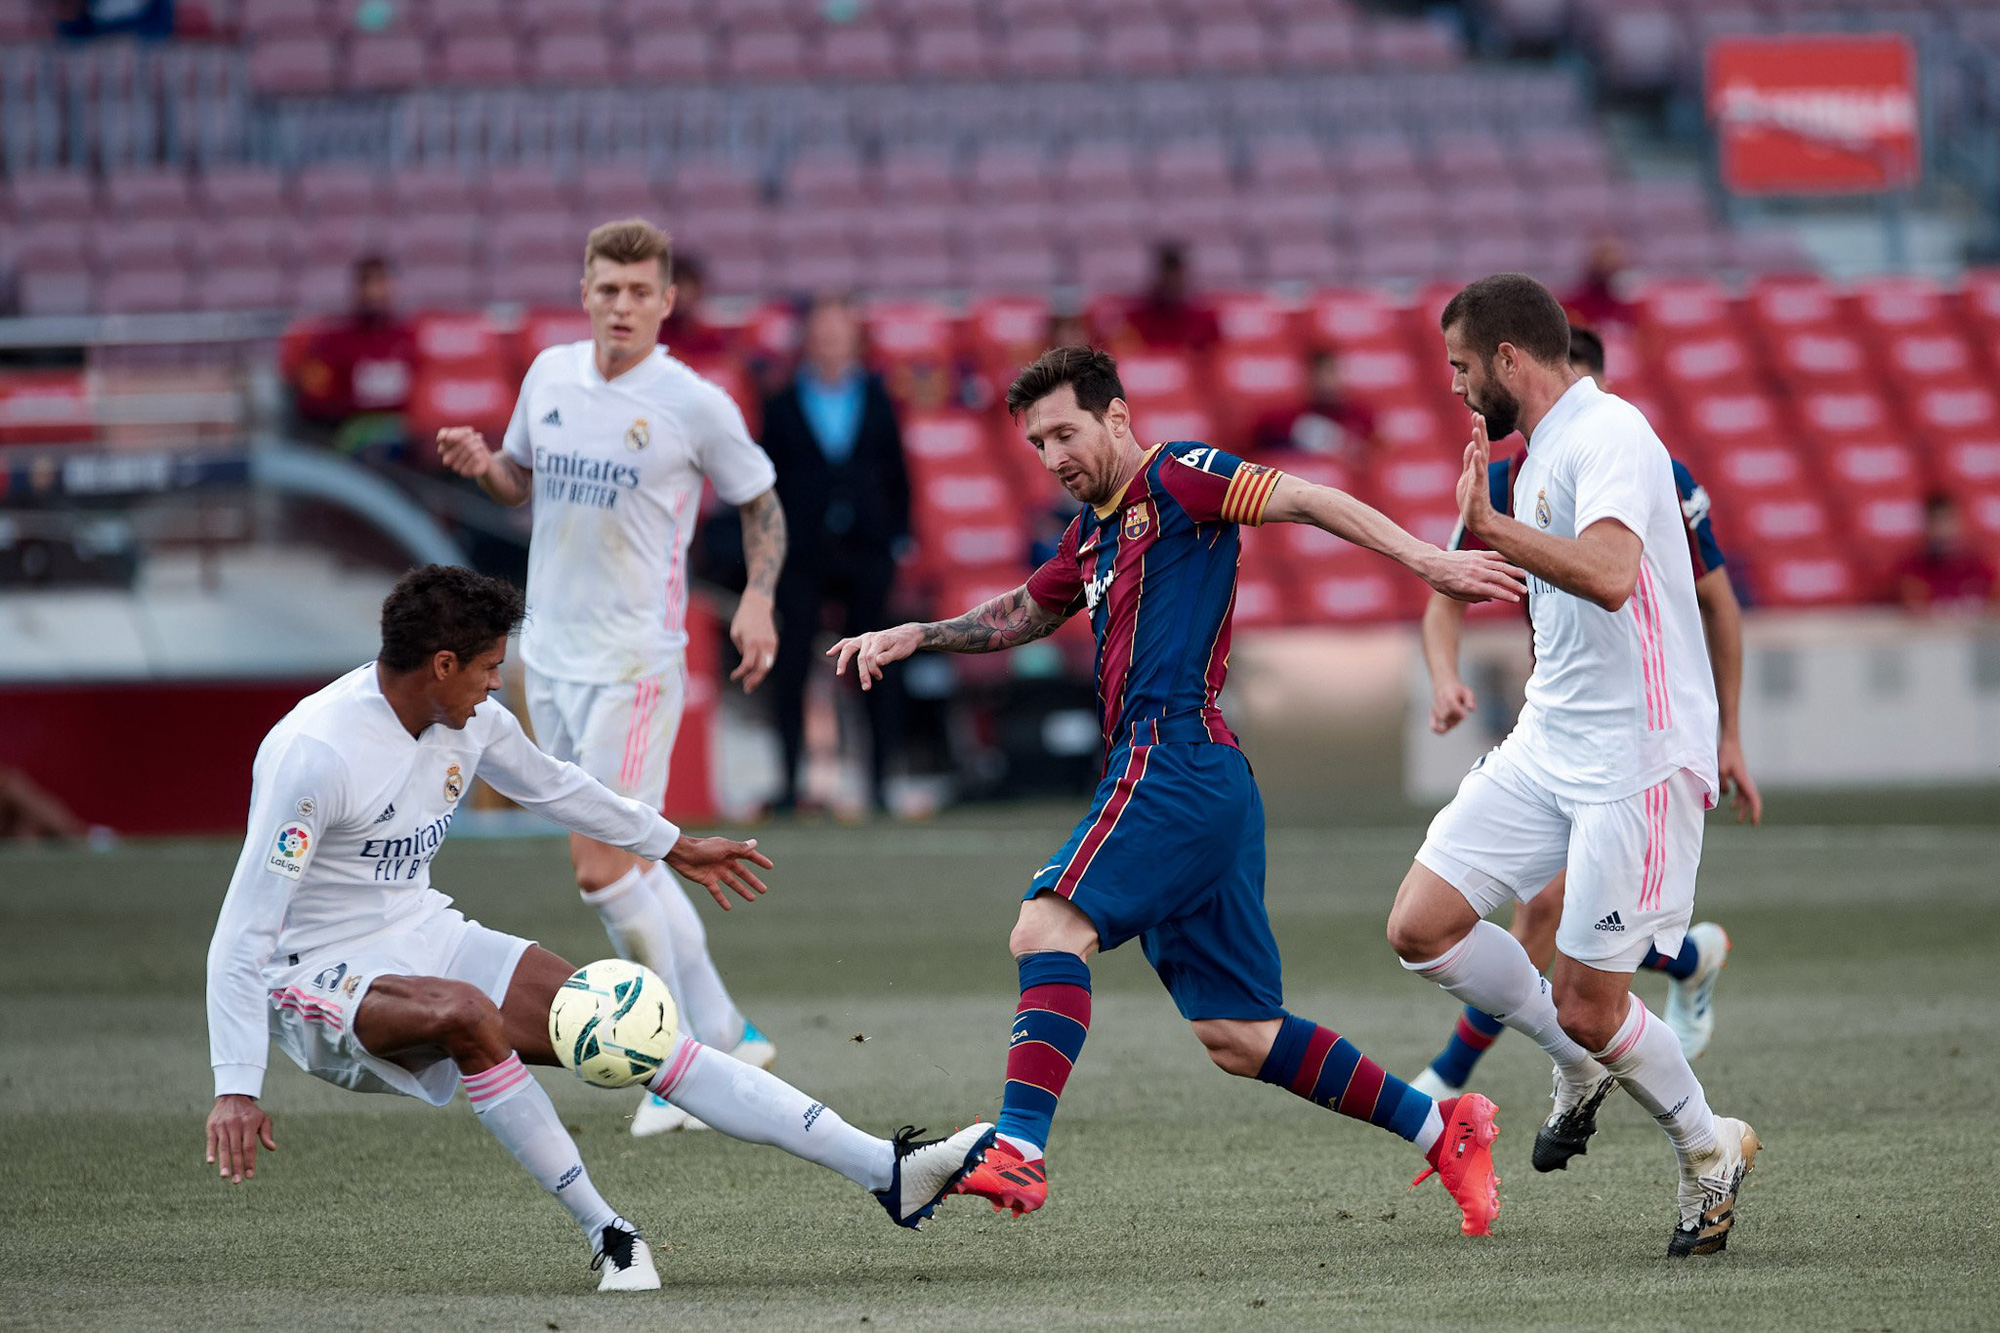 Soi kèo, tỷ lệ cược Real Madrid vs Barca: Khách lấn chủ? - Ảnh 1.